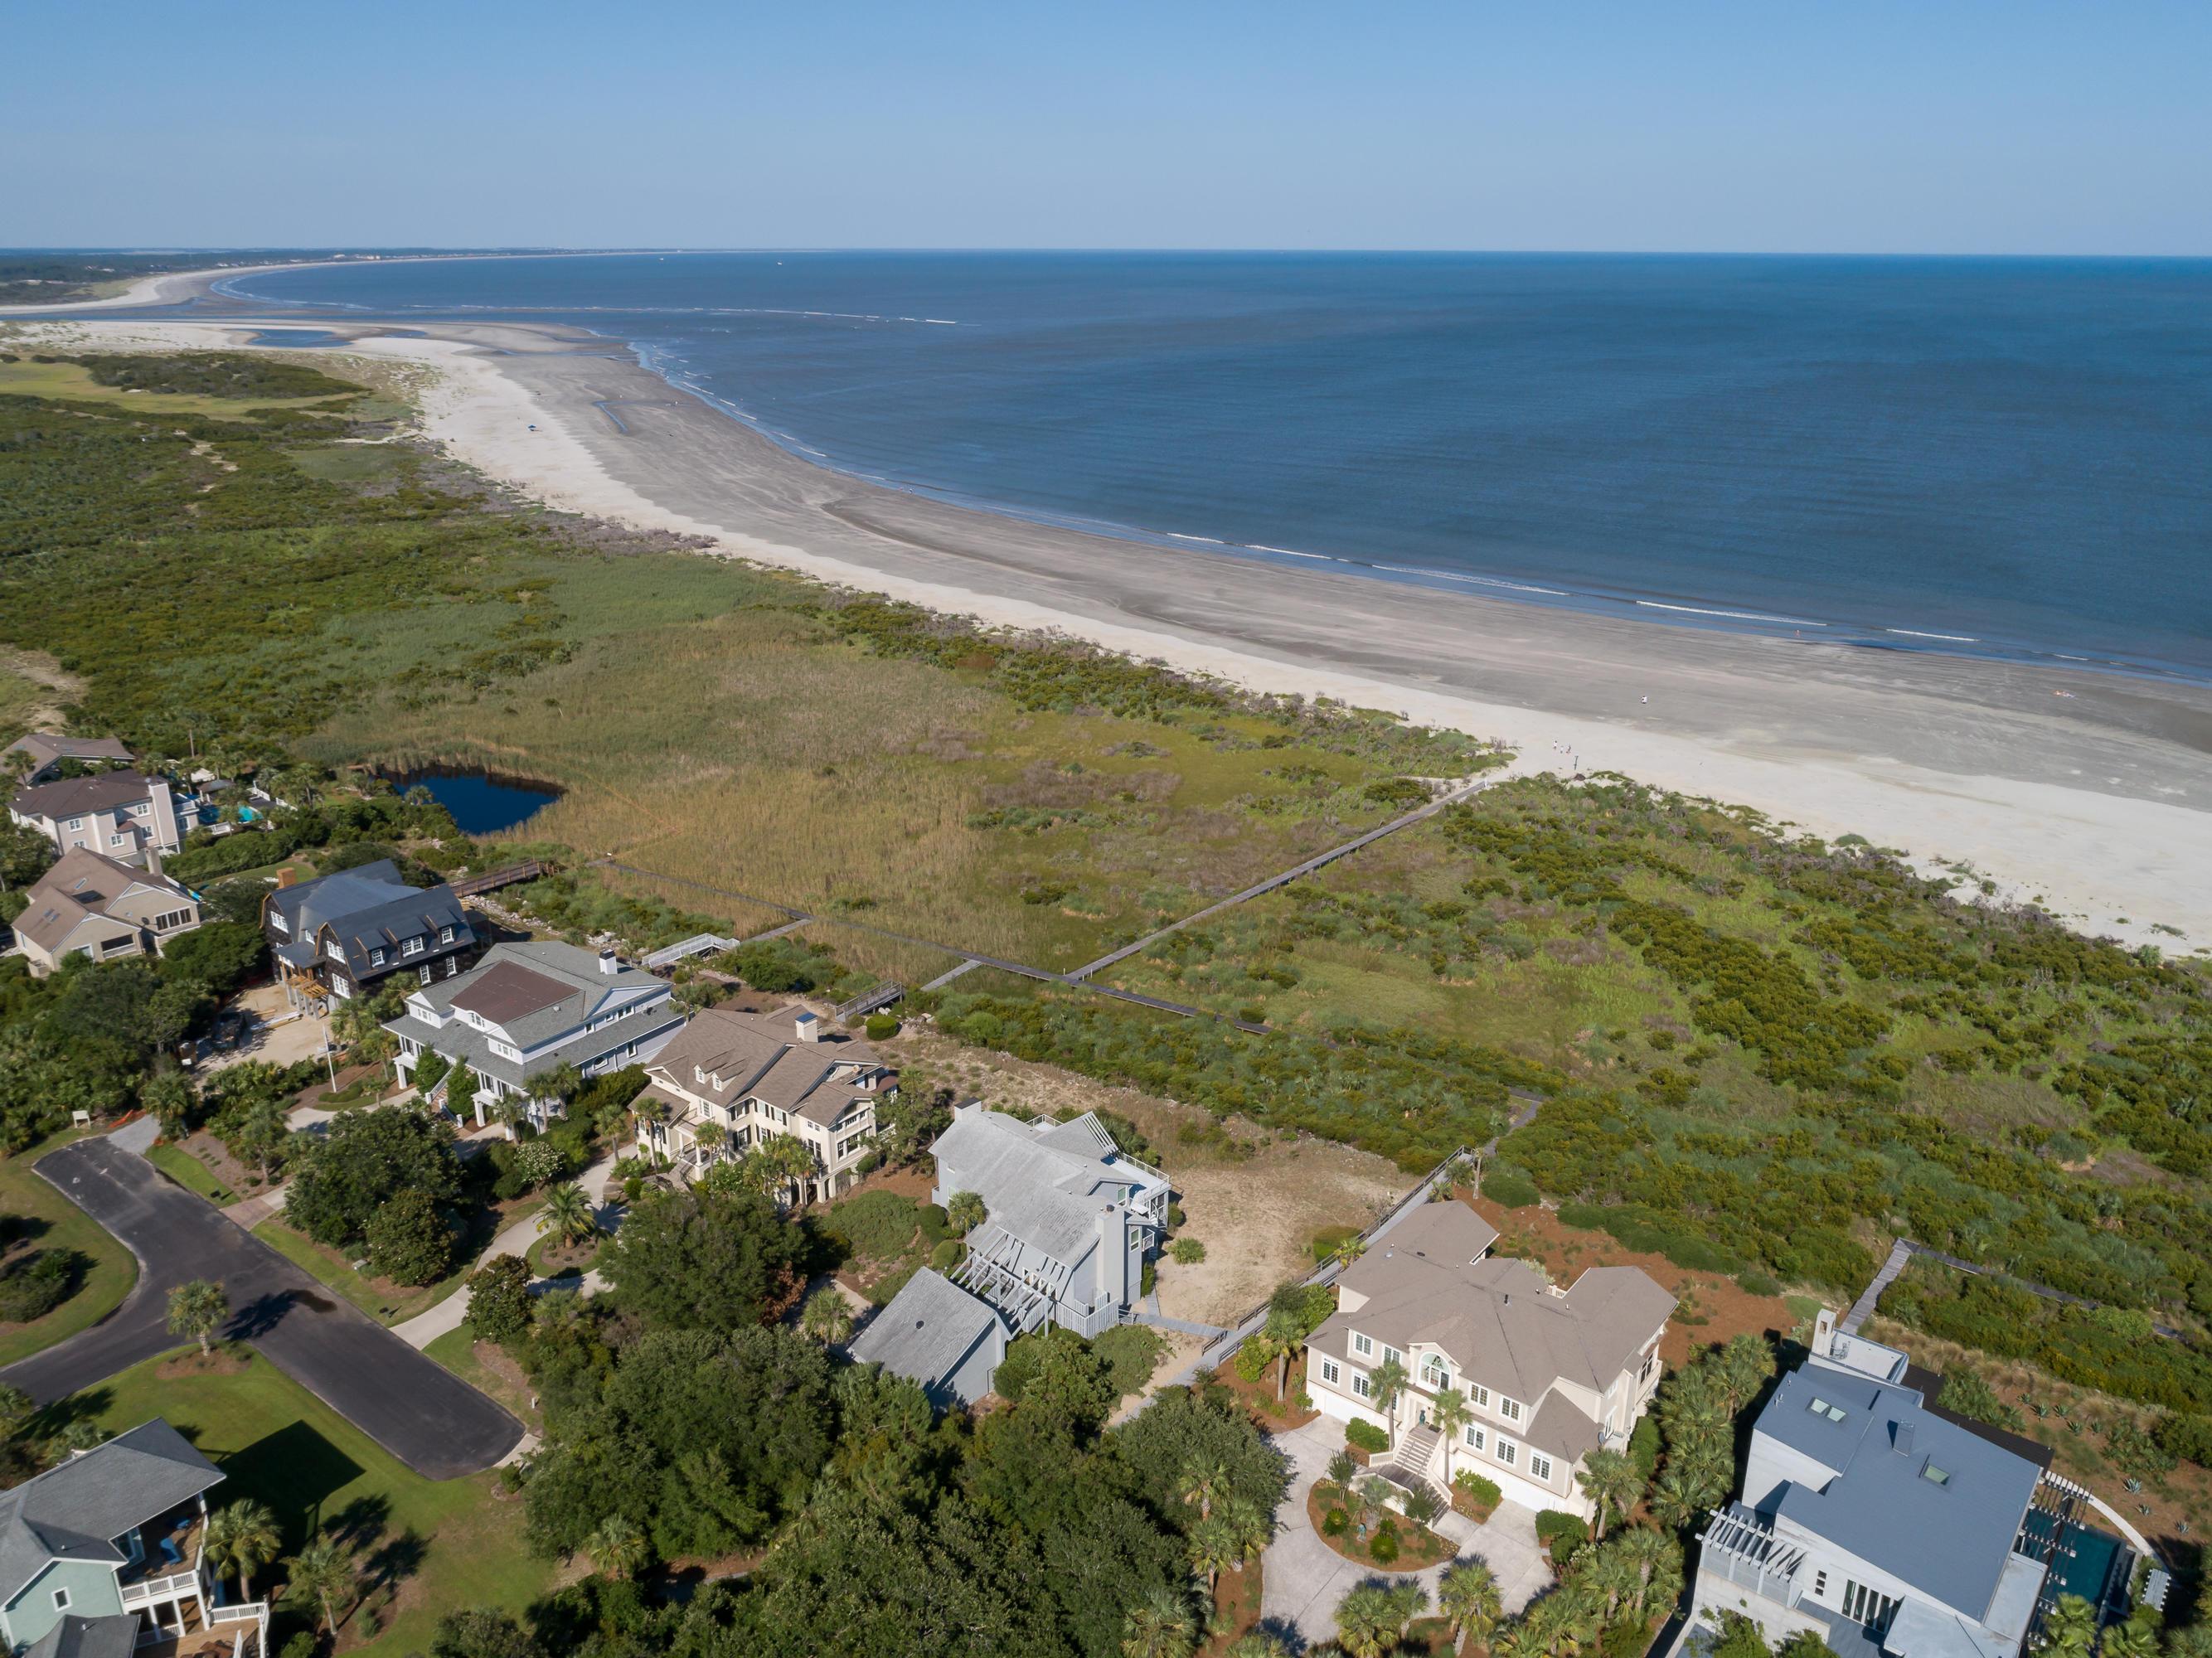 Seabrook Island Homes For Sale - 3640 Pompano, Seabrook Island, SC - 16